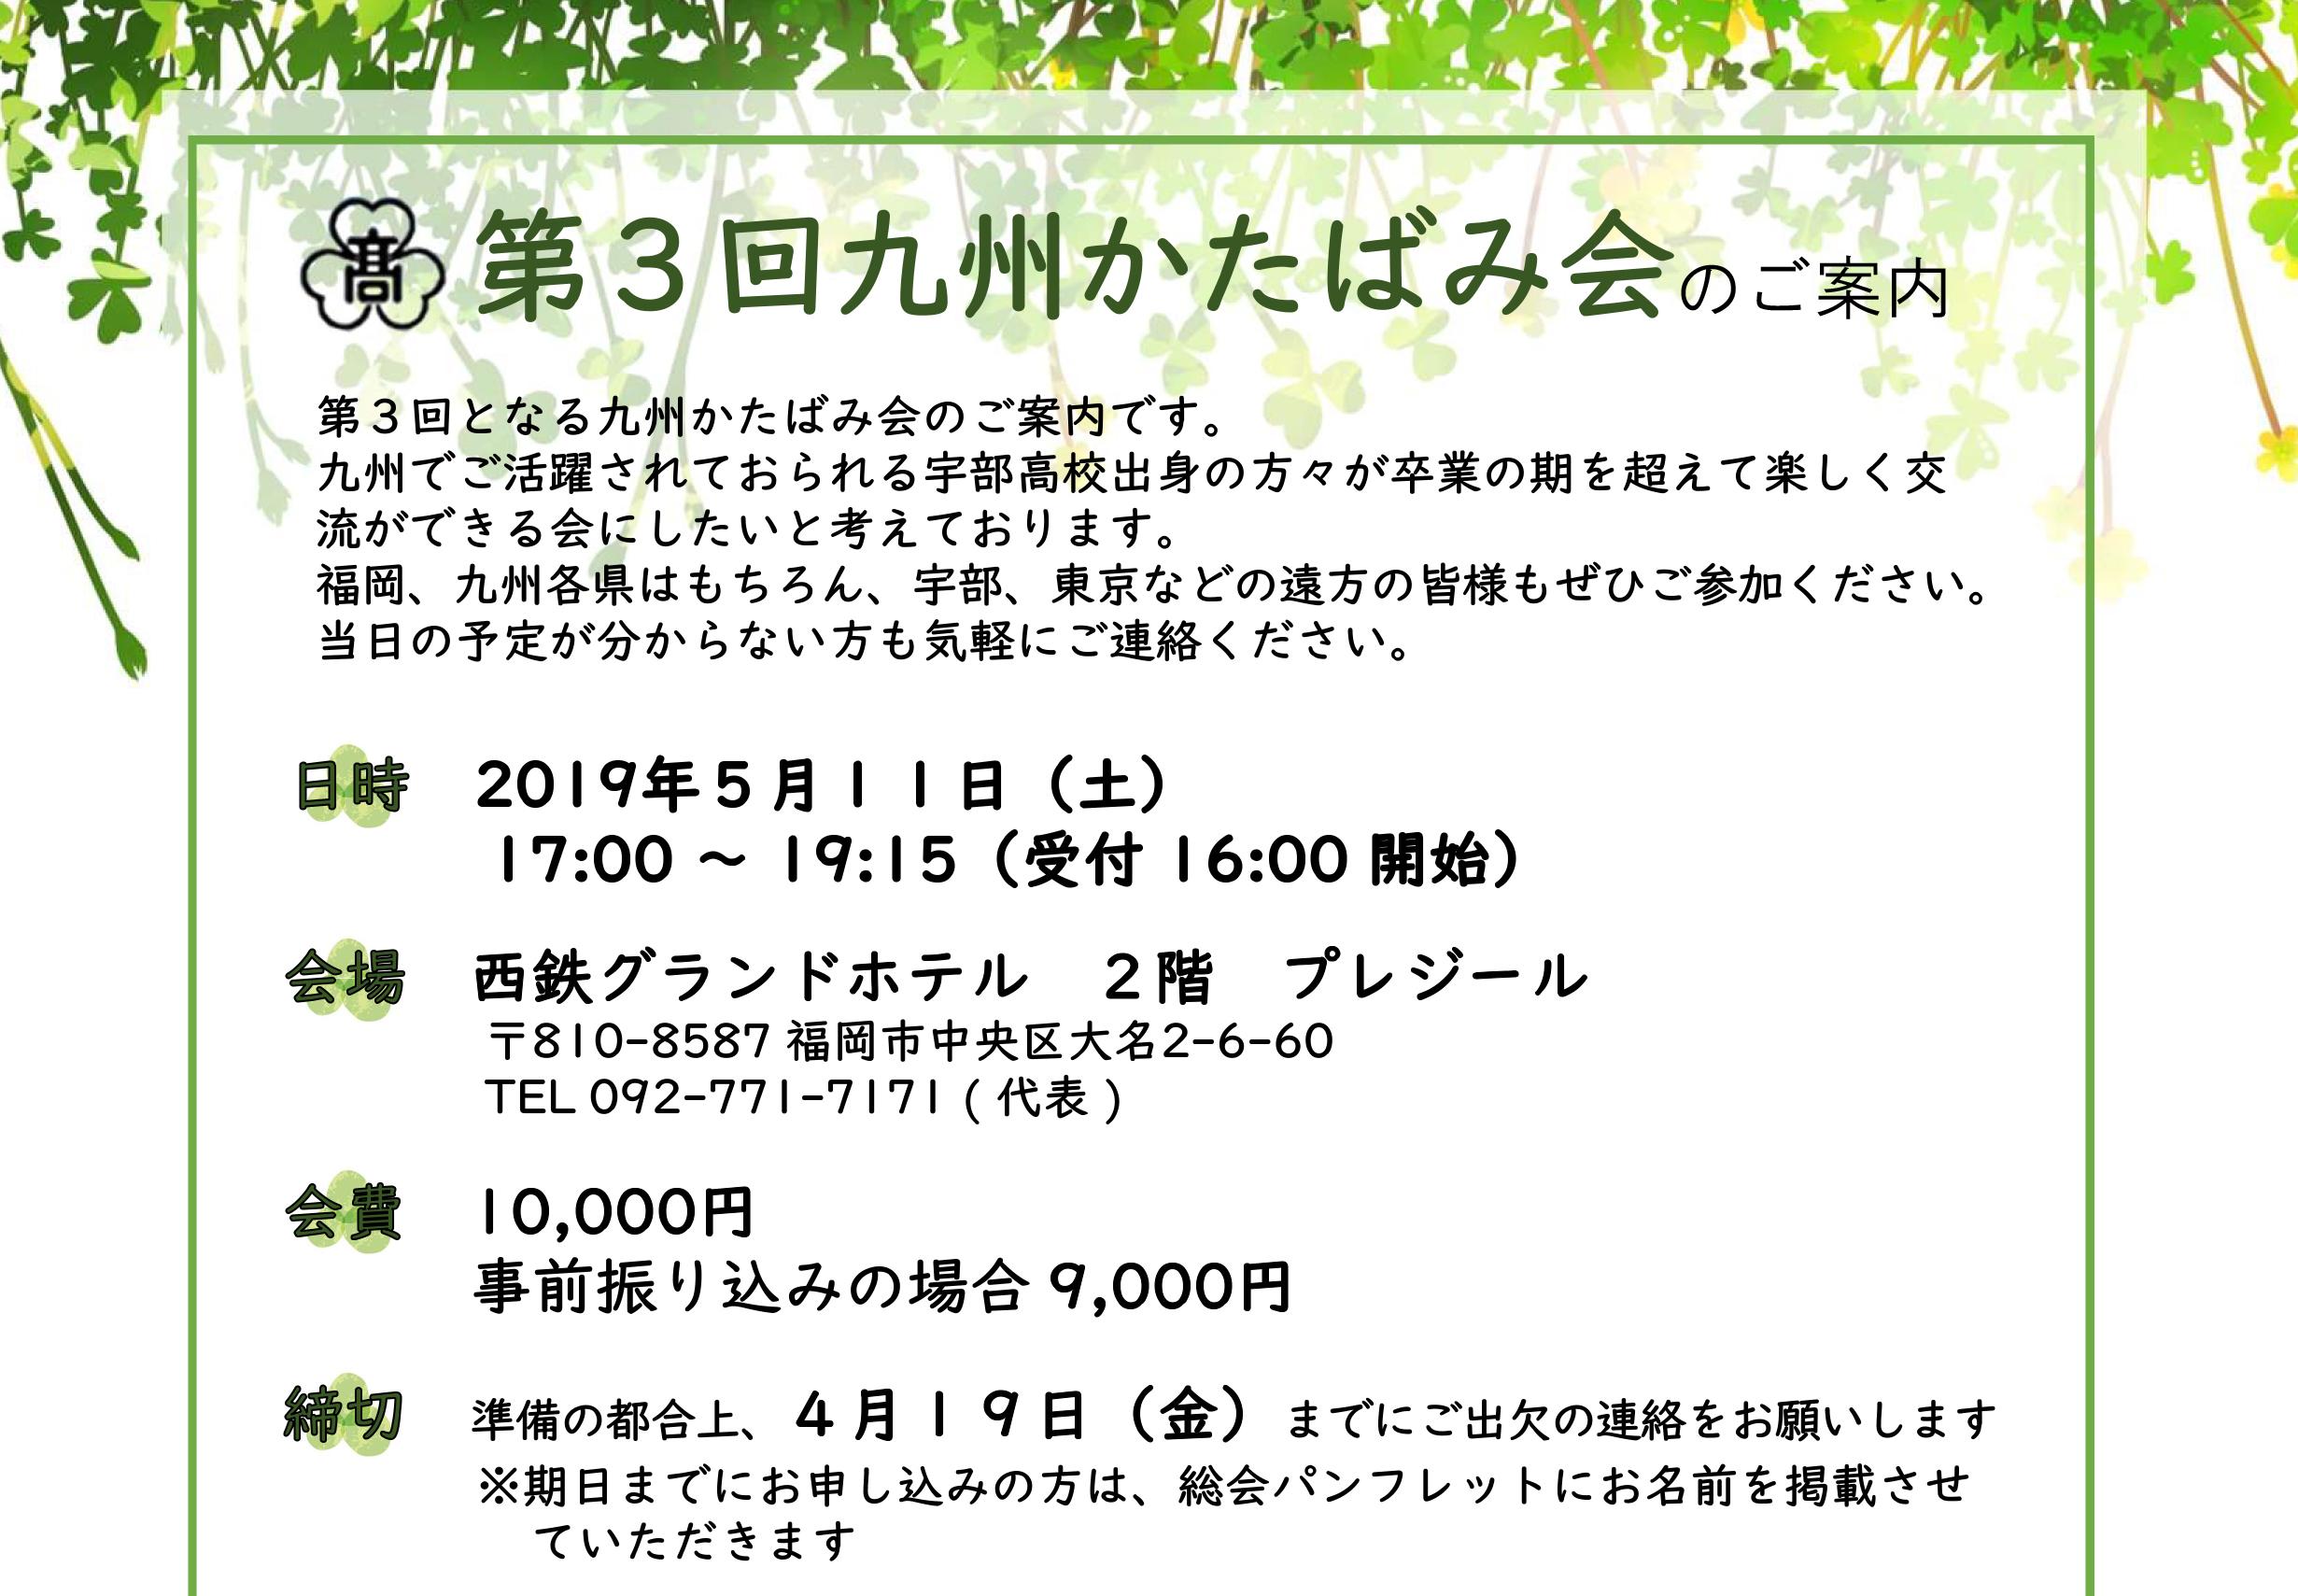 第3回(2019年)九州かたばみ会のご案内のイメージ